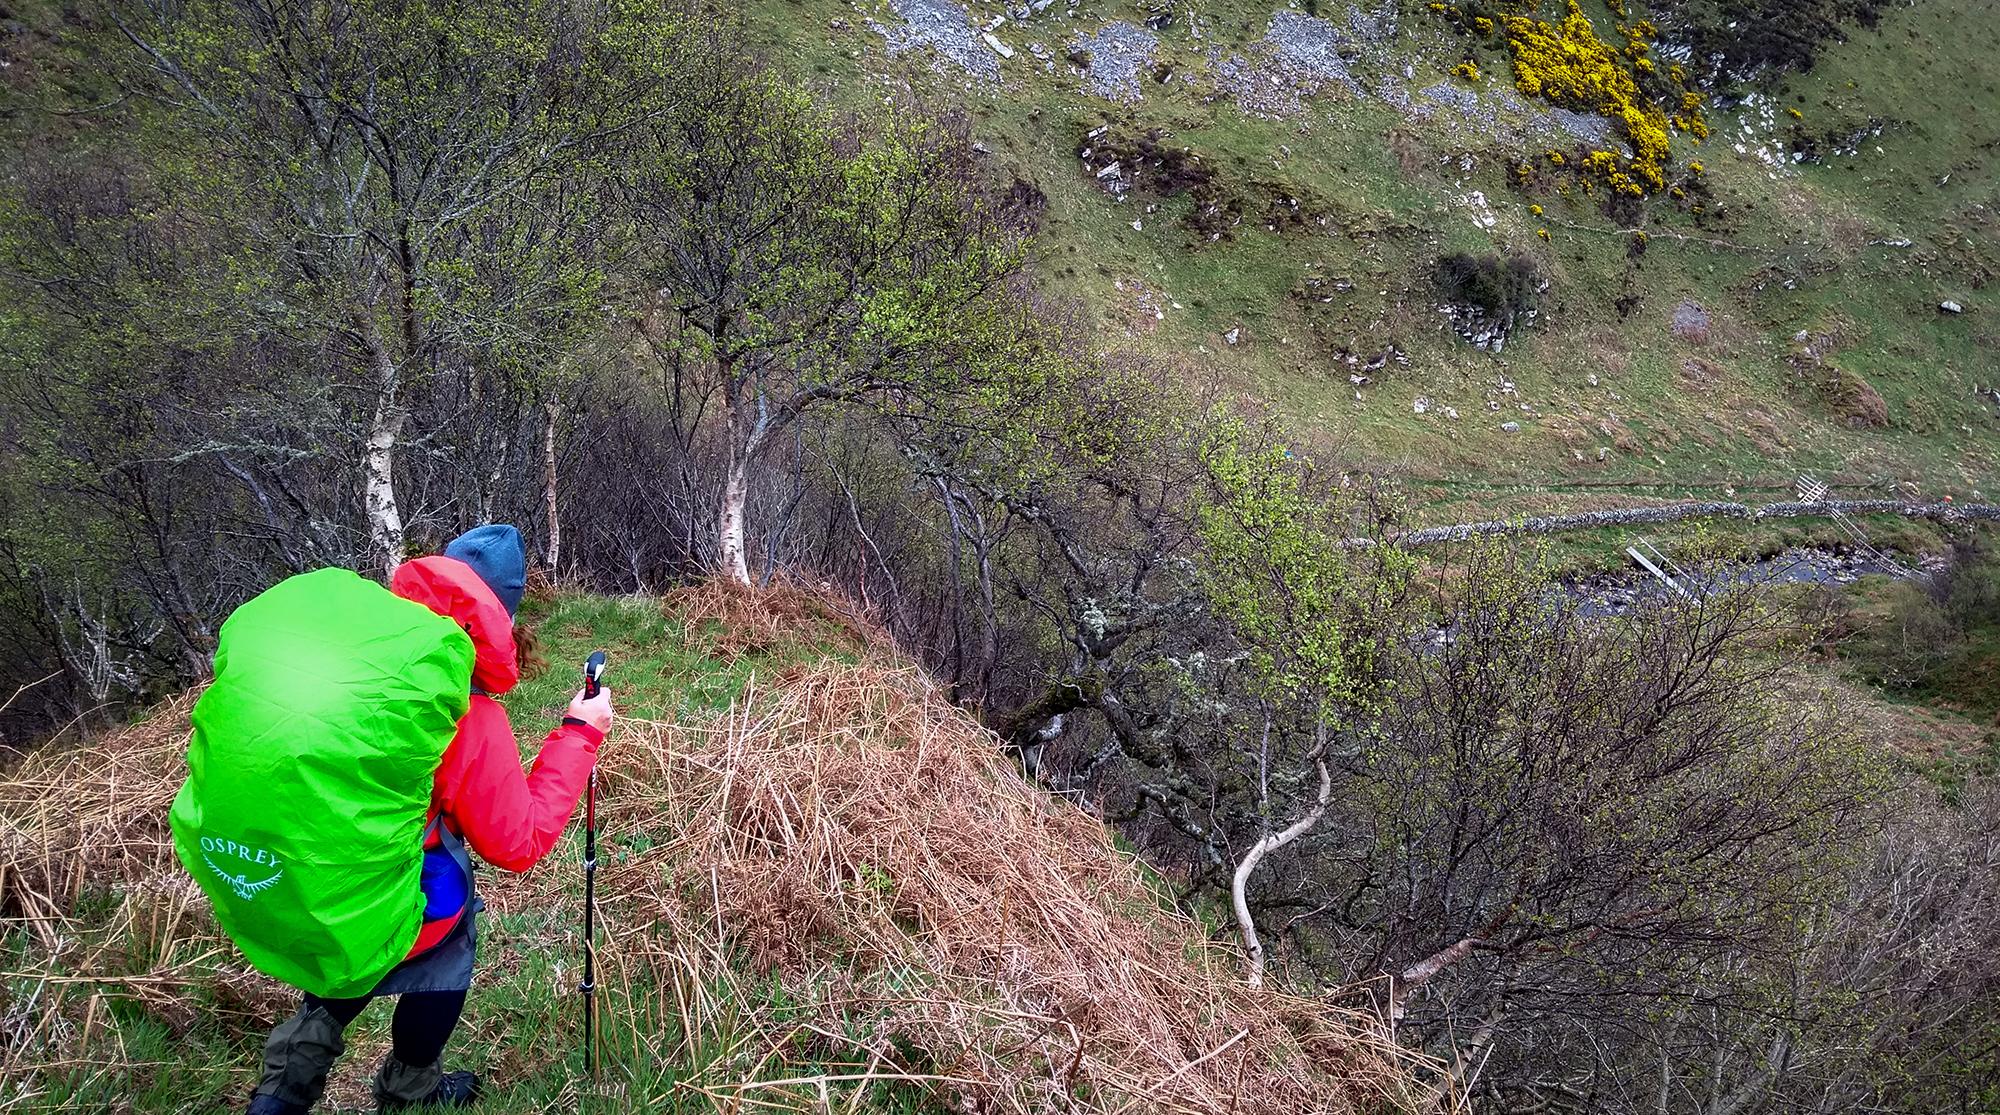 Frau geht einen steilen Abstieg am Ousdalehinunter